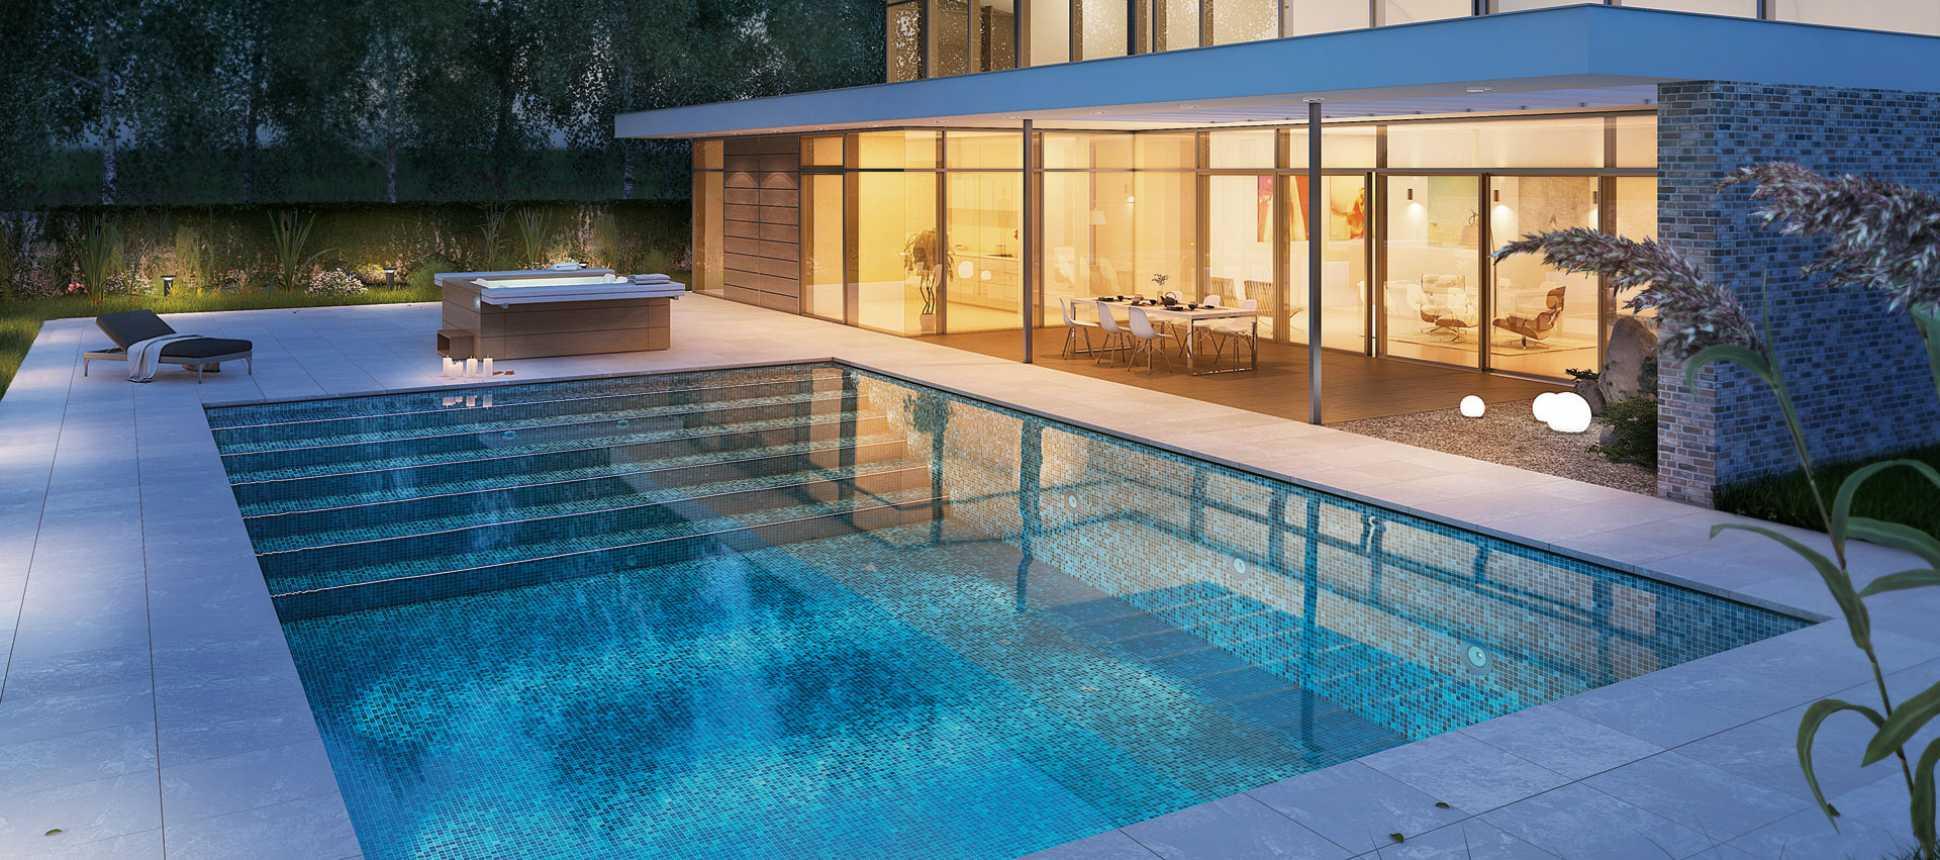 Swimming Pool MLine Mosaikbecken